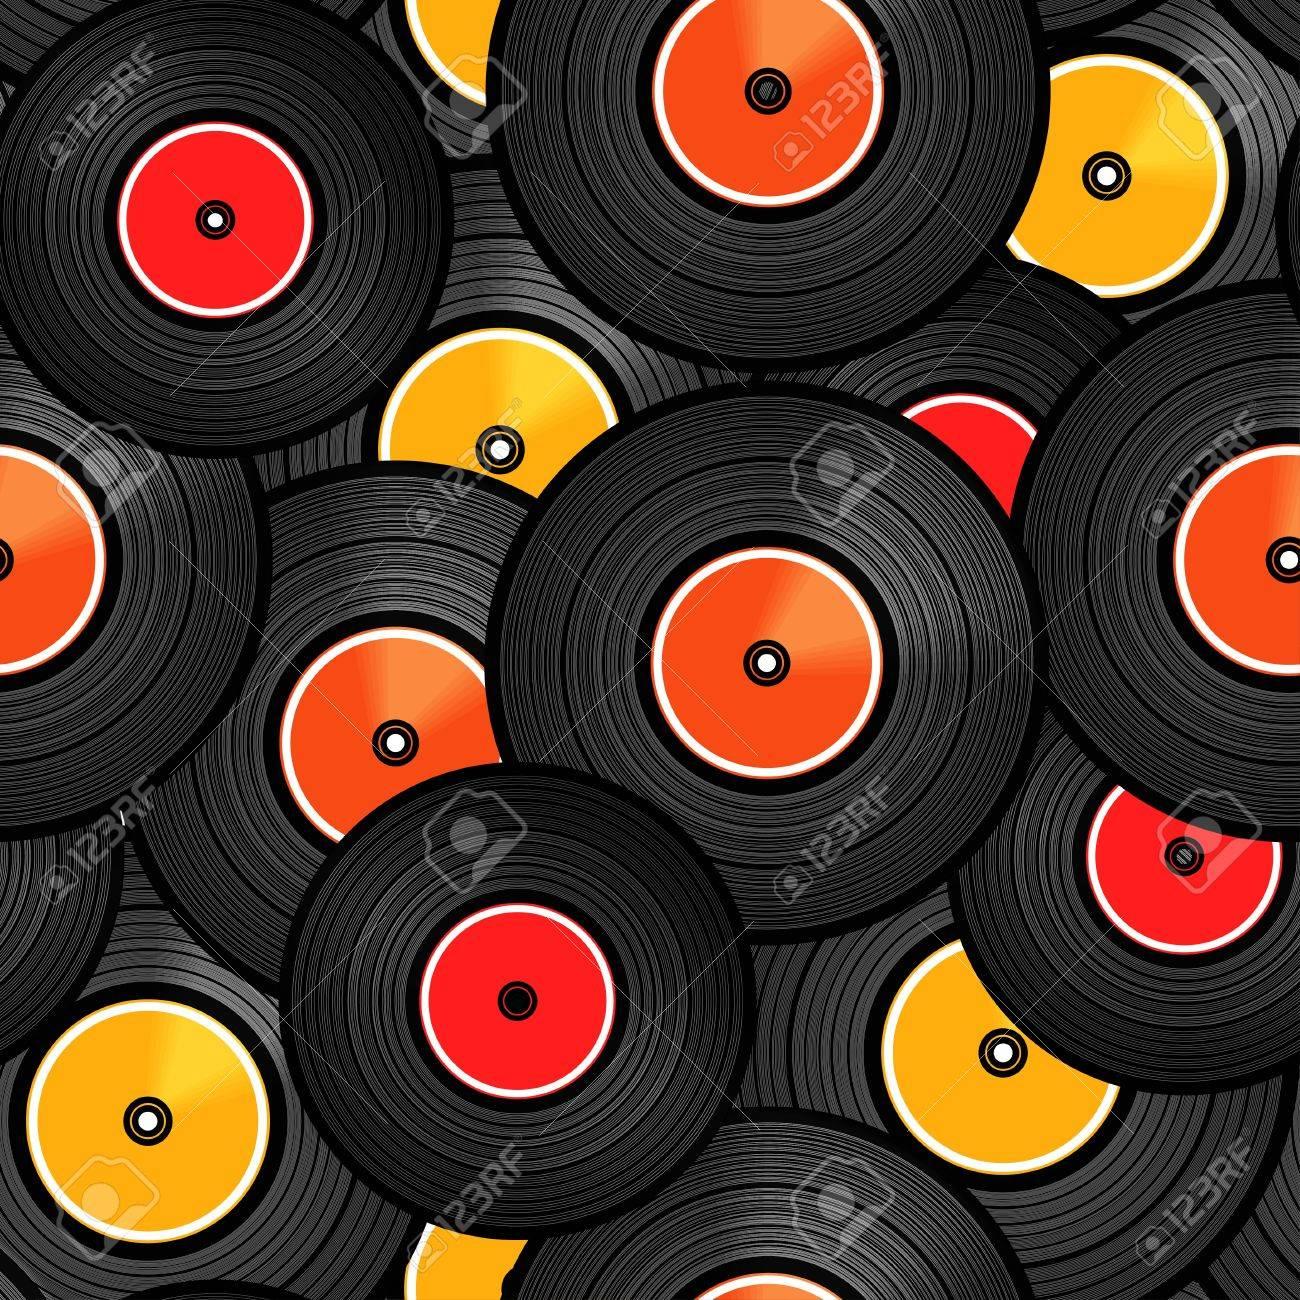 Vinyl audio discs seamless background Stock Vector - 12497884